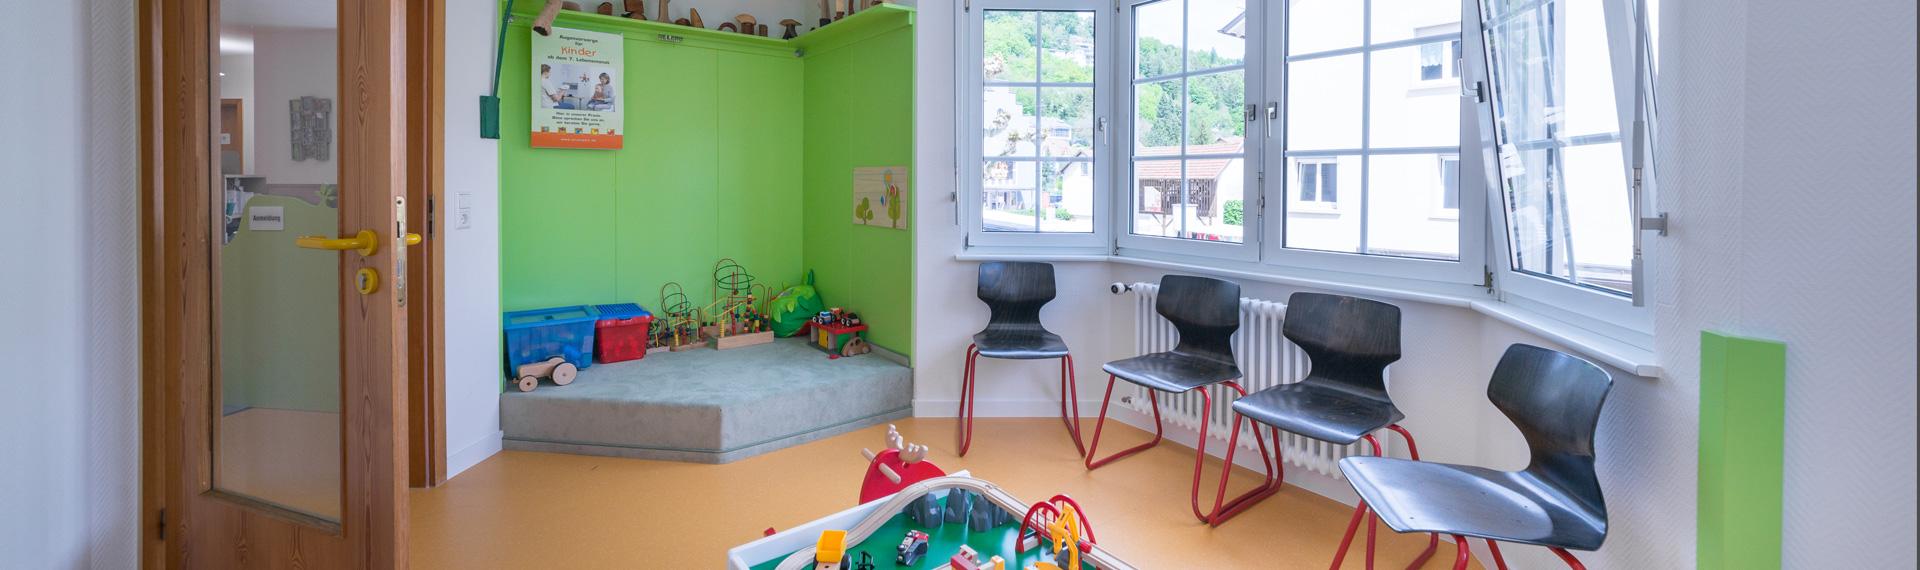 Kinderarztpraxis Waldshut-Tiengen Dr. med. Klaus Peter Ruehs Titelbild Wartezimmer